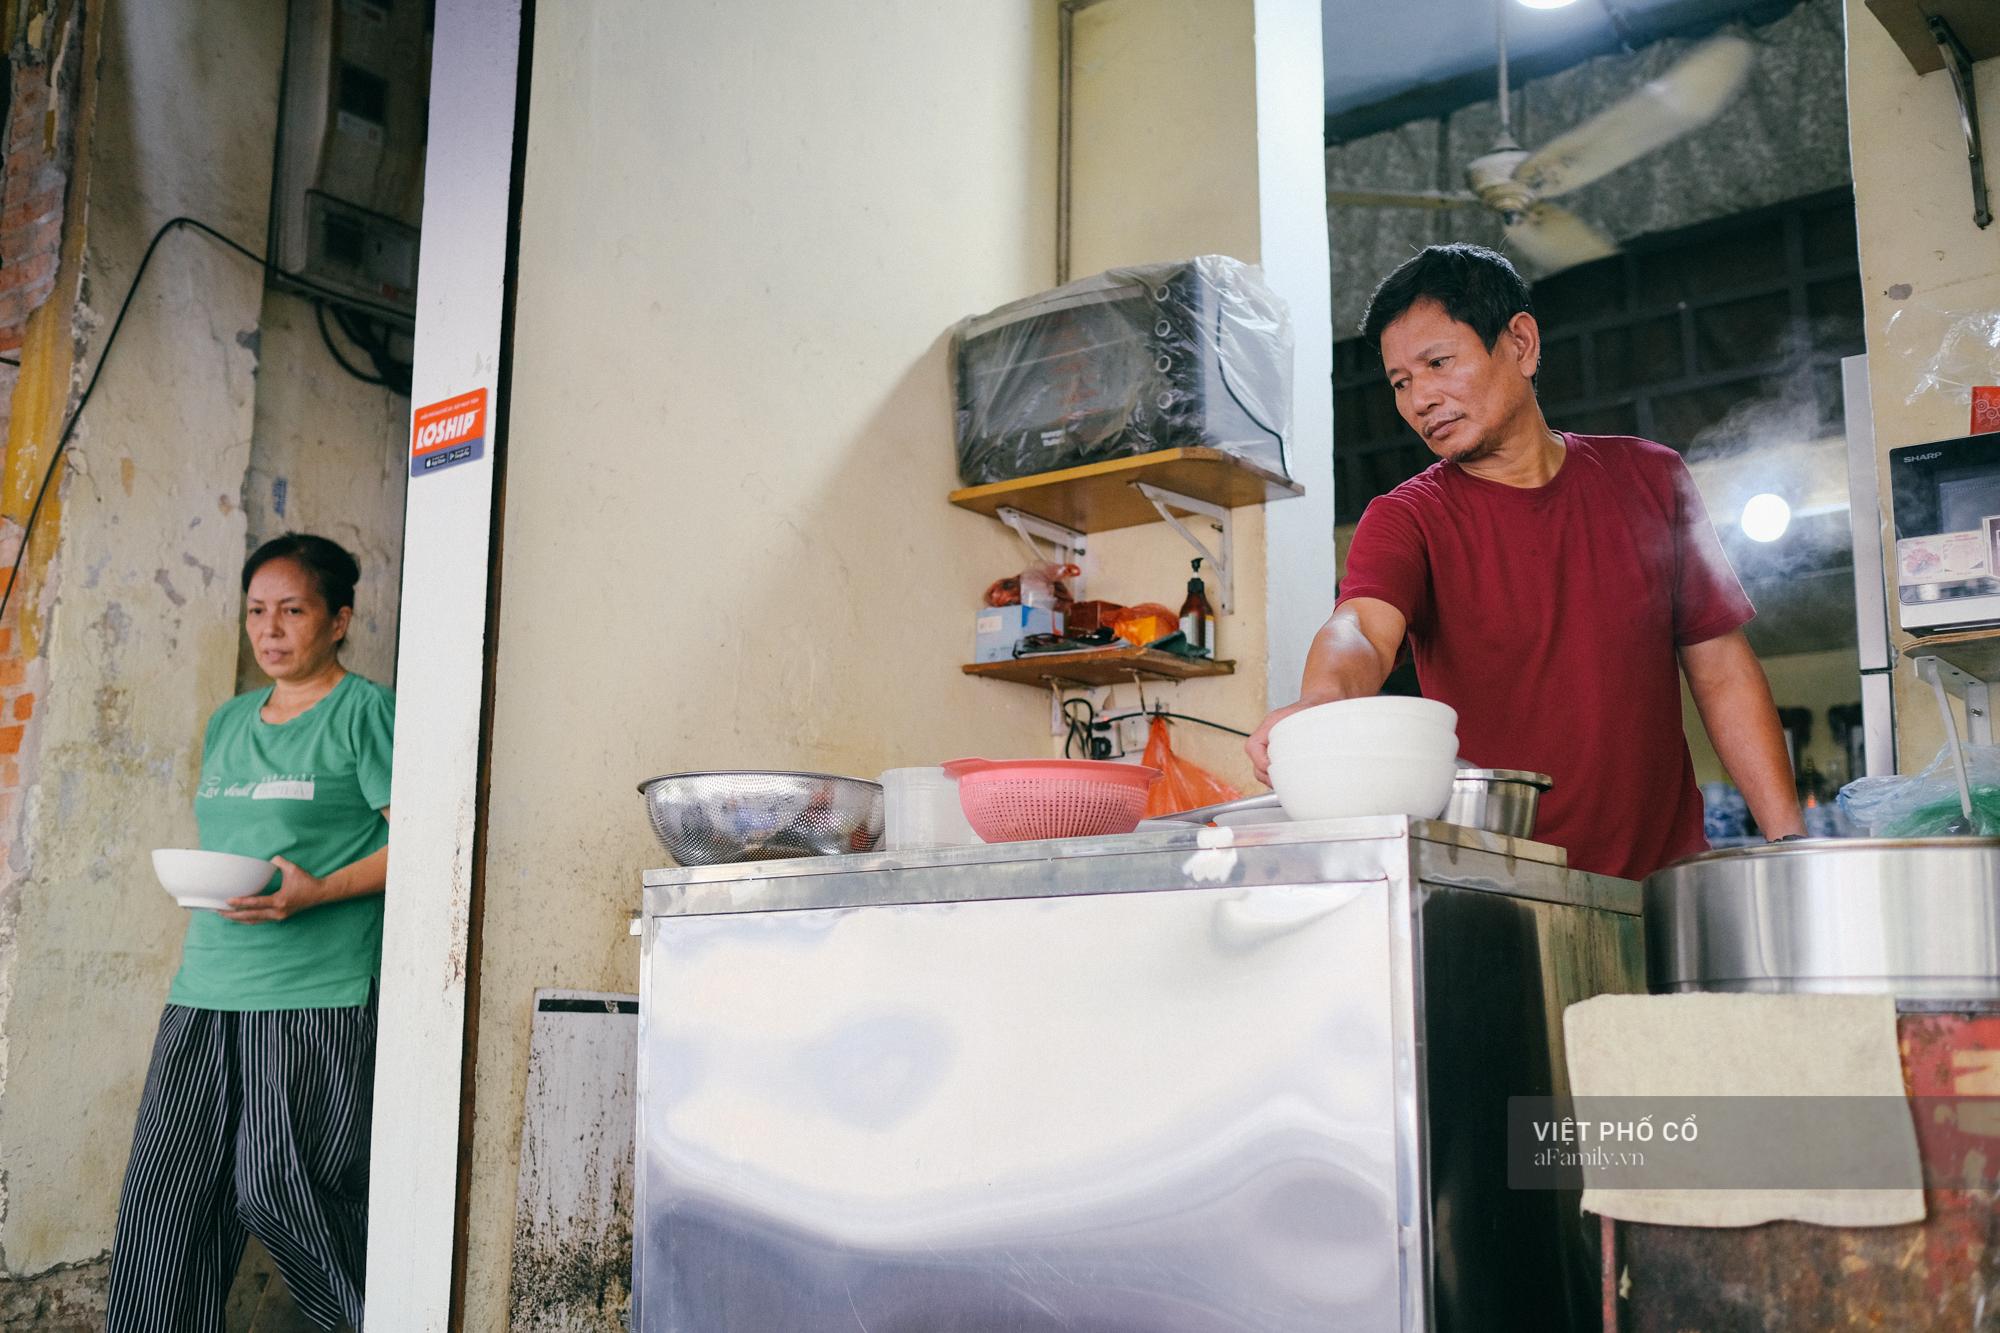 Quán phở sáng của ông chủ kỹ tính nhất nhì phố cổ Hà Nội: Có con dao thái không ai được động vào, bà vợ bán hàng chung gần 30 năm vẫn chỉ là… người bưng bê - Ảnh 4.